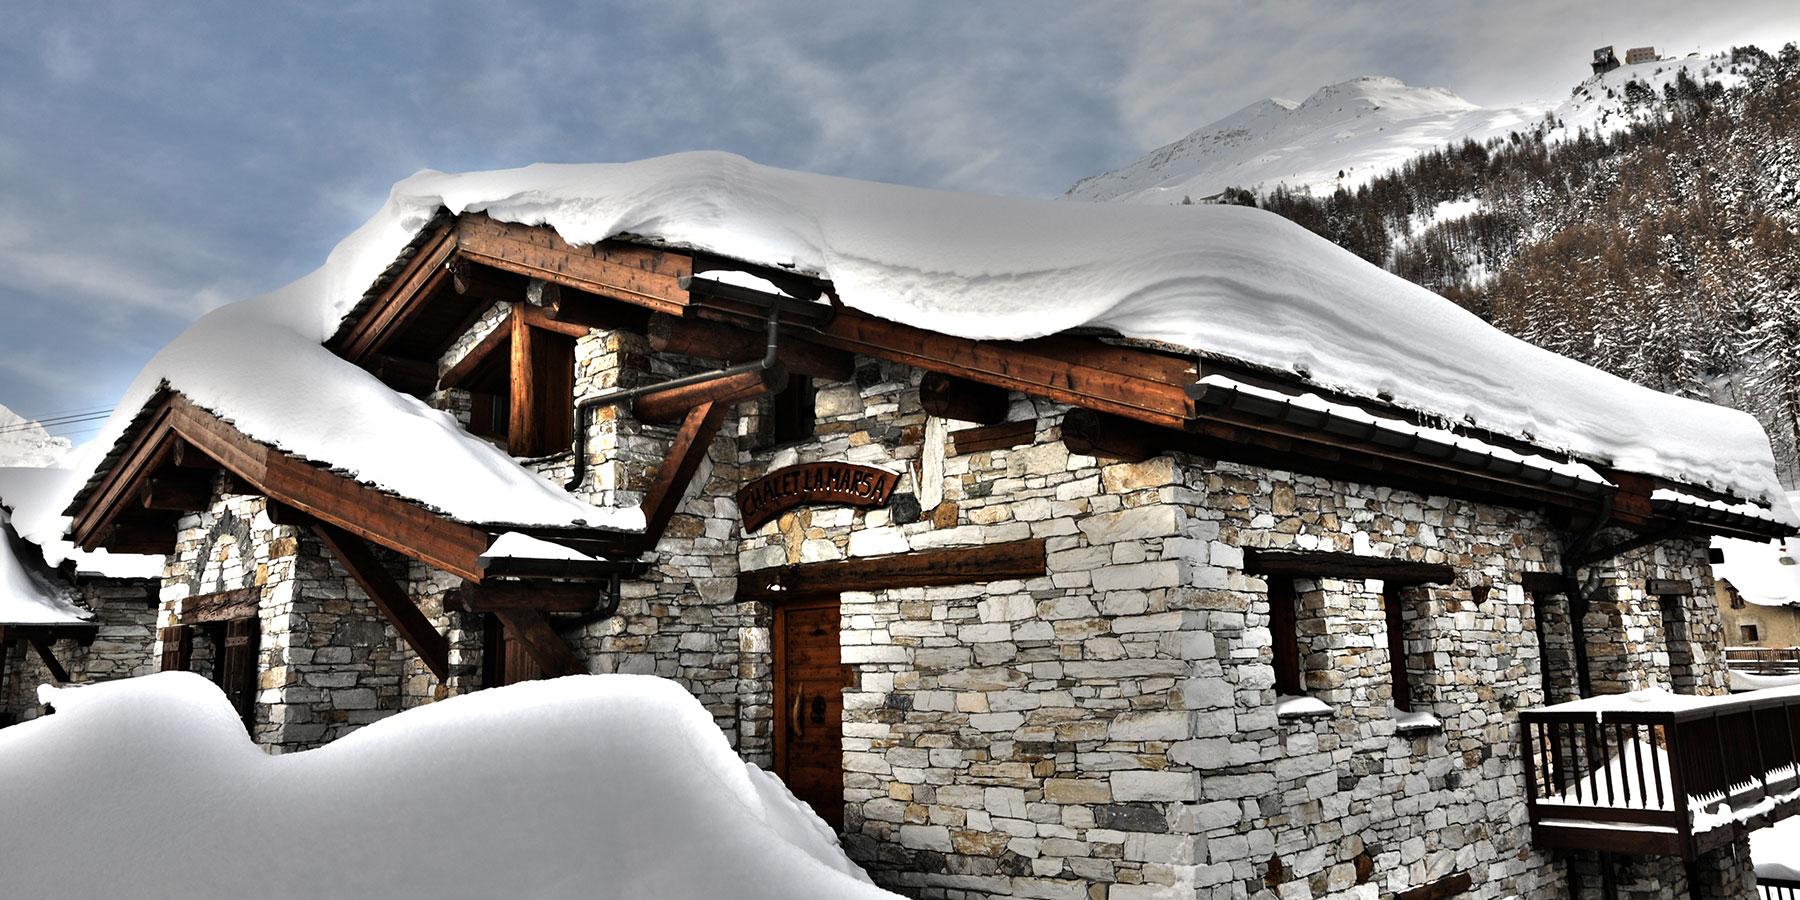 Réservez votre séjour à la neige dès maintenant...